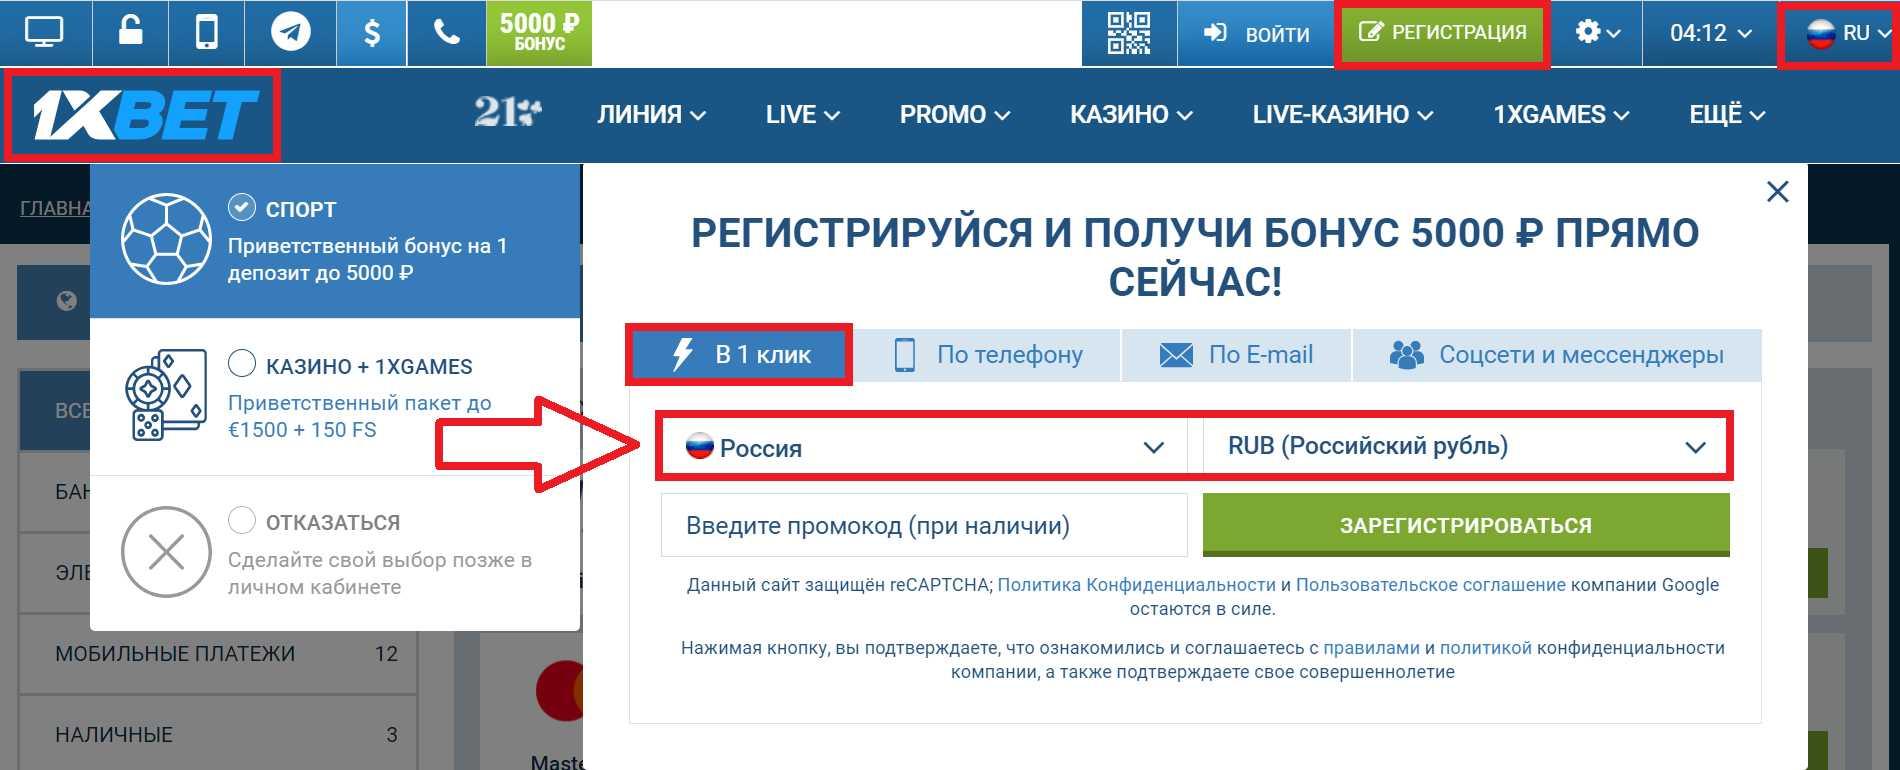 Основные требования для регистрации в букмекерской компании 1хБет